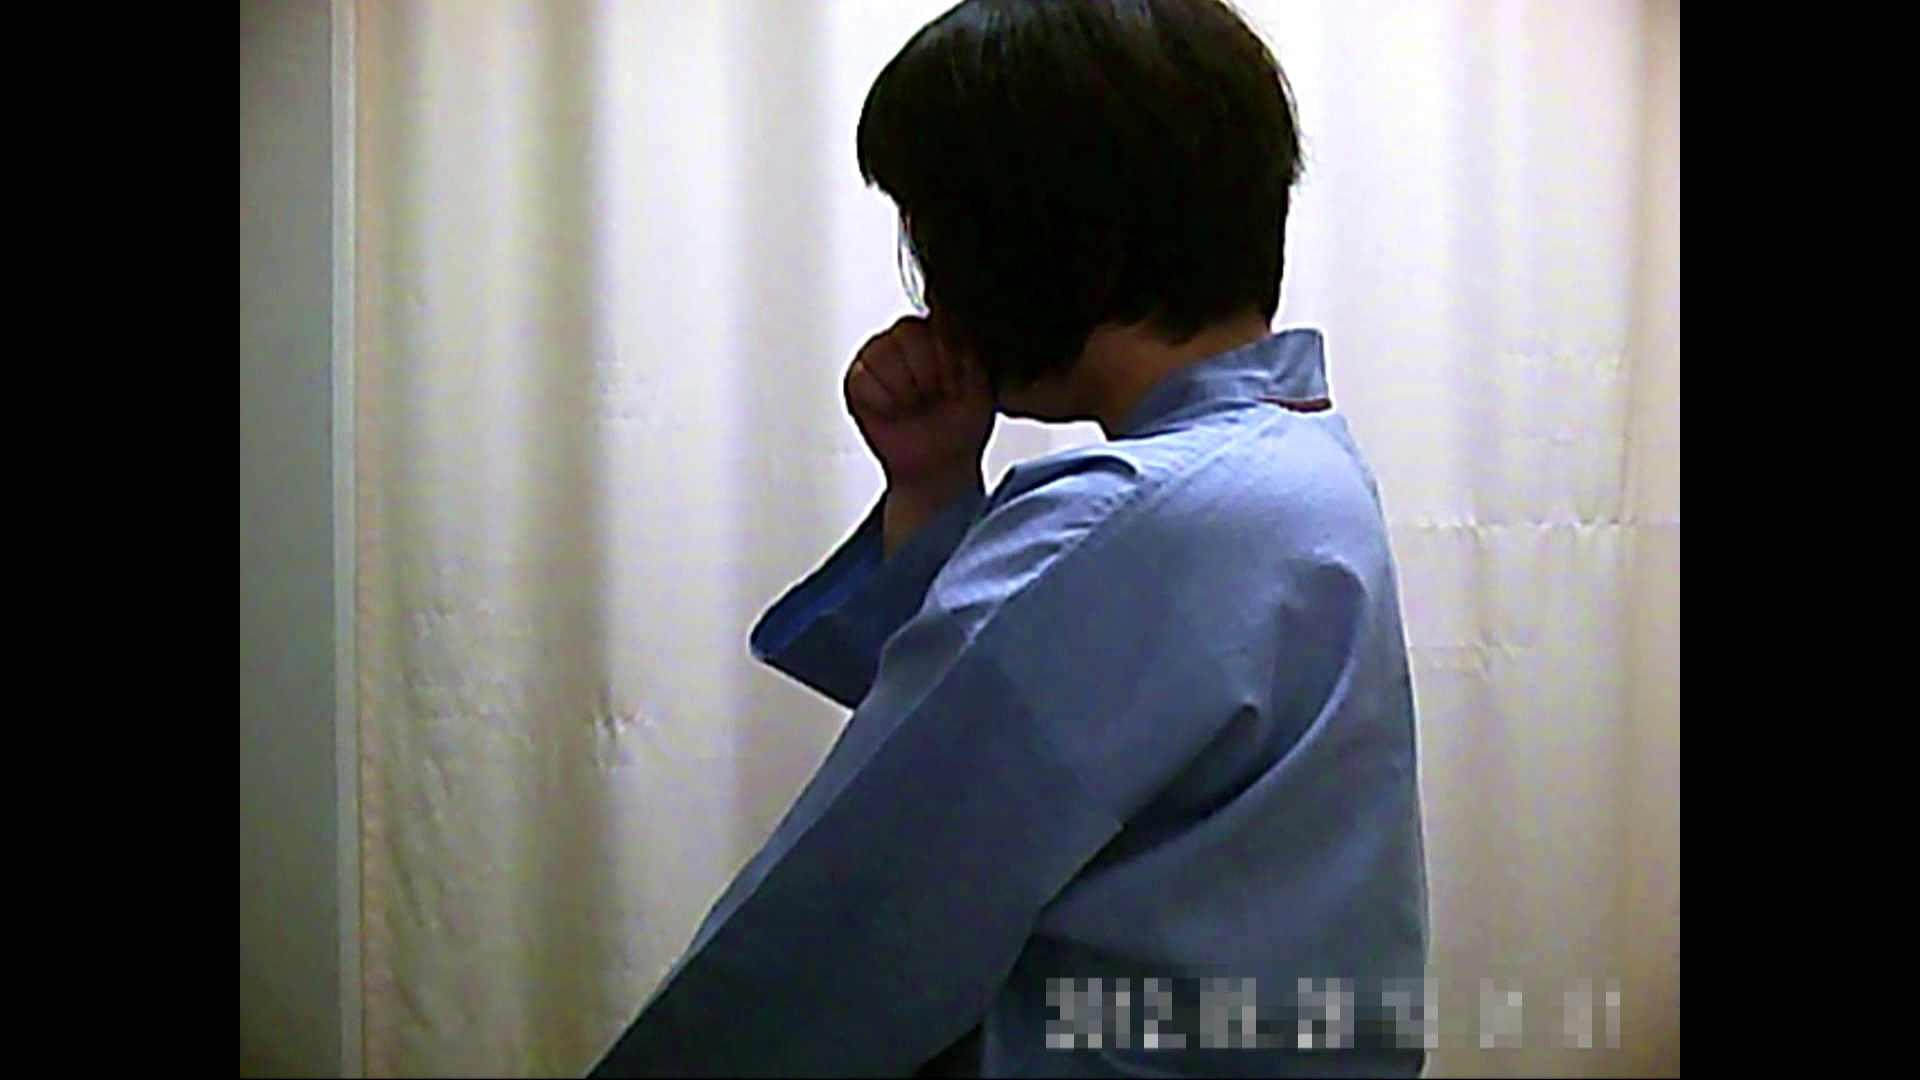 元医者による反抗 更衣室地獄絵巻 vol.072 OLの実態   0  89pic 71